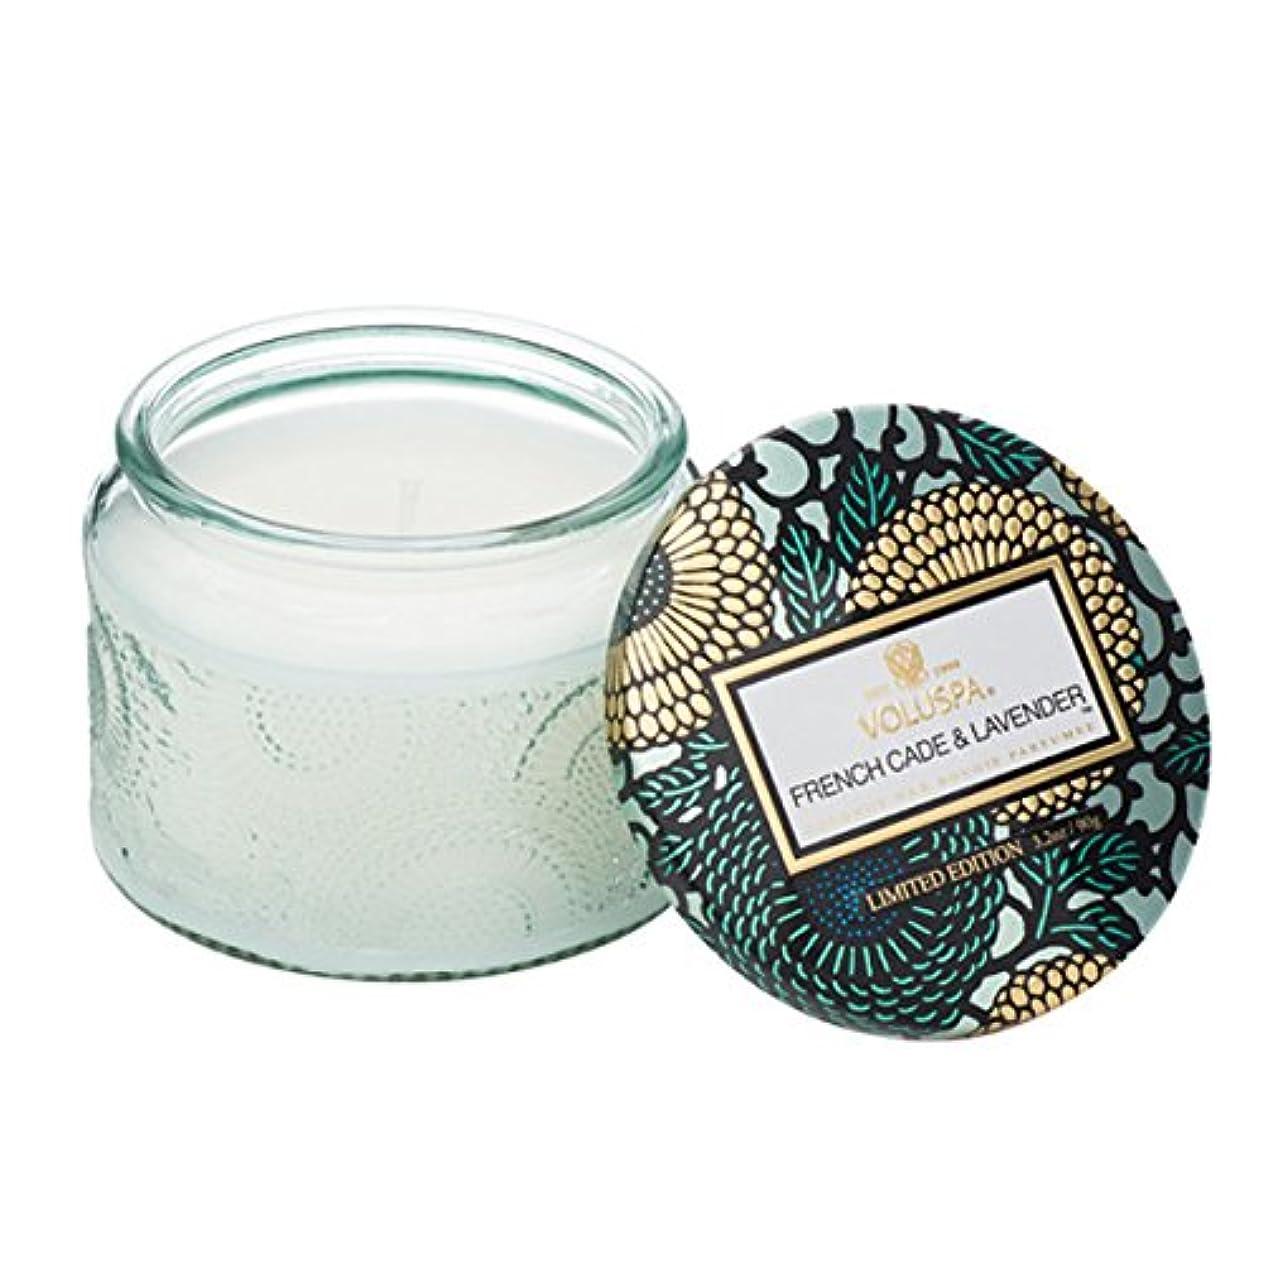 必要性ヘア着替えるVoluspa ボルスパ ジャポニカ リミテッド グラスジャーキャンドル  S フレンチケード&ラベンダー FRENCH CADE LAVENDER  JAPONICA Limited PETITE EMBOSSED Glass jar candle